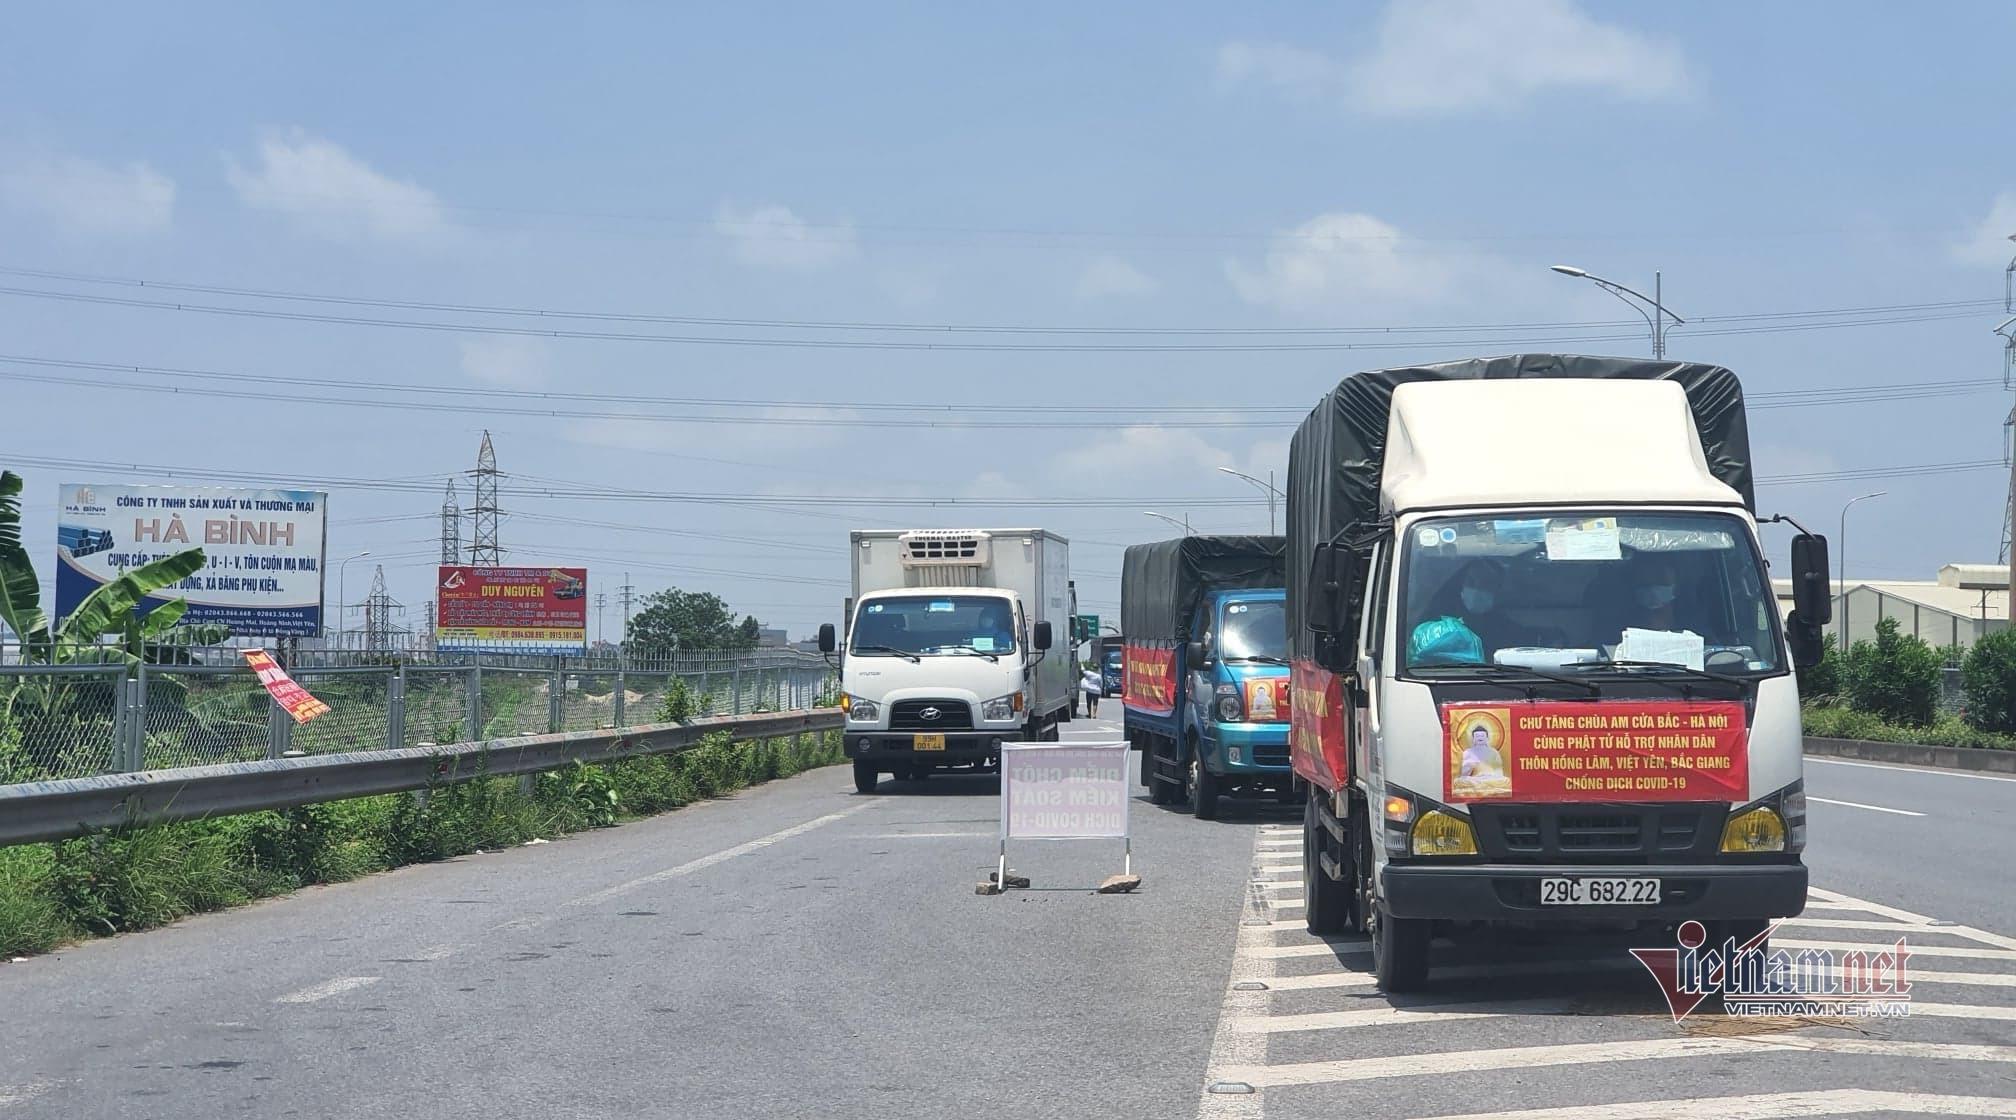 Bắc Giang sẽ chi 310 tỷ hỗ trợ 6 vạn công nhân đang thất nghiệp ở tâm dịch